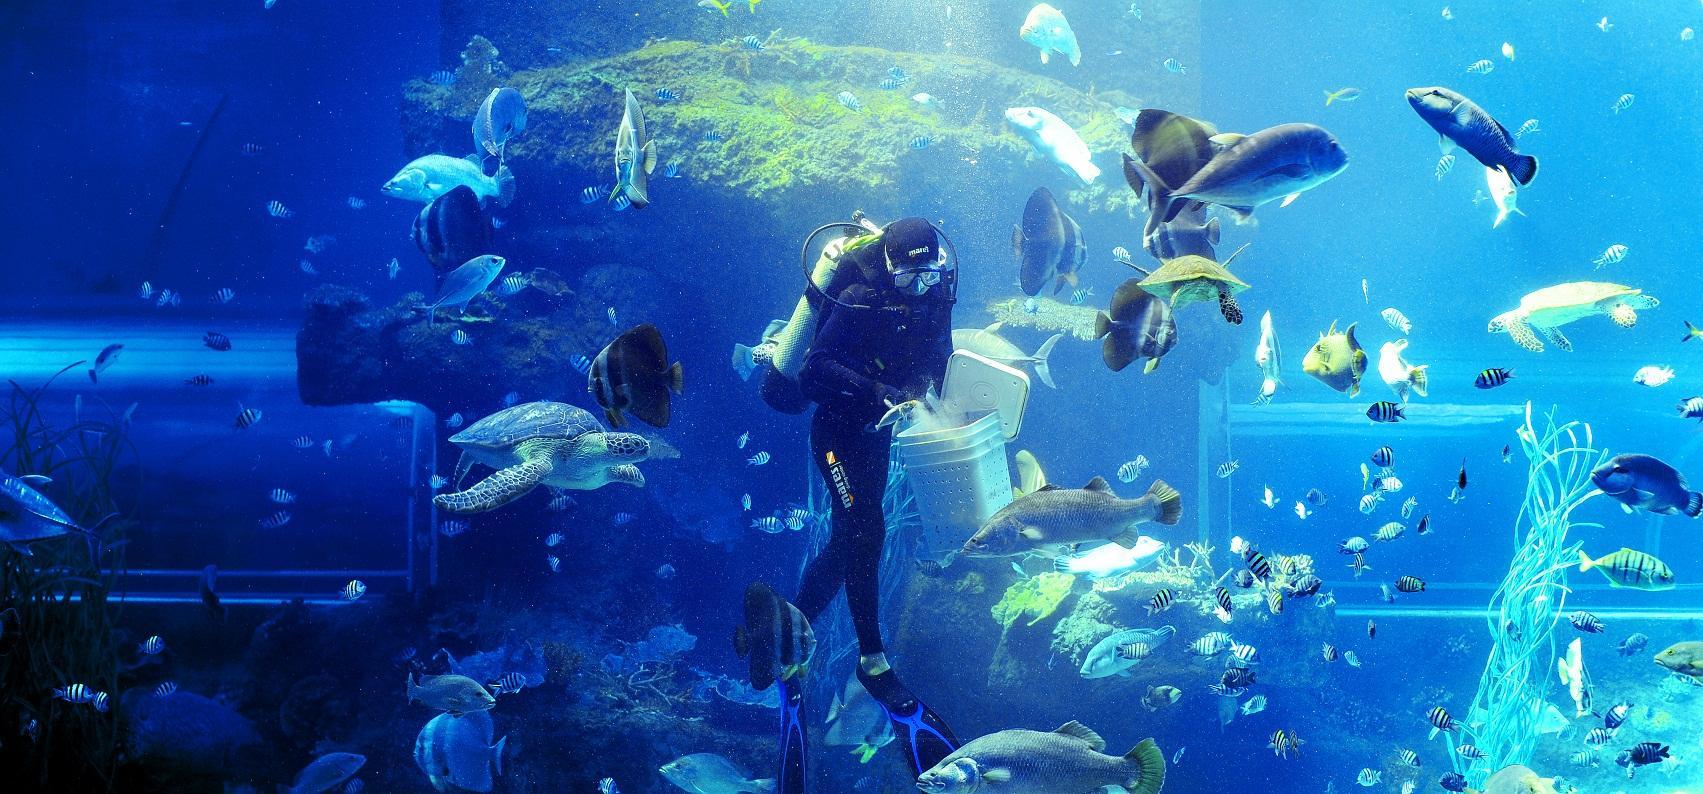 Chương trình biểu diễn cho cá ăn tại khu vực Thủy cung